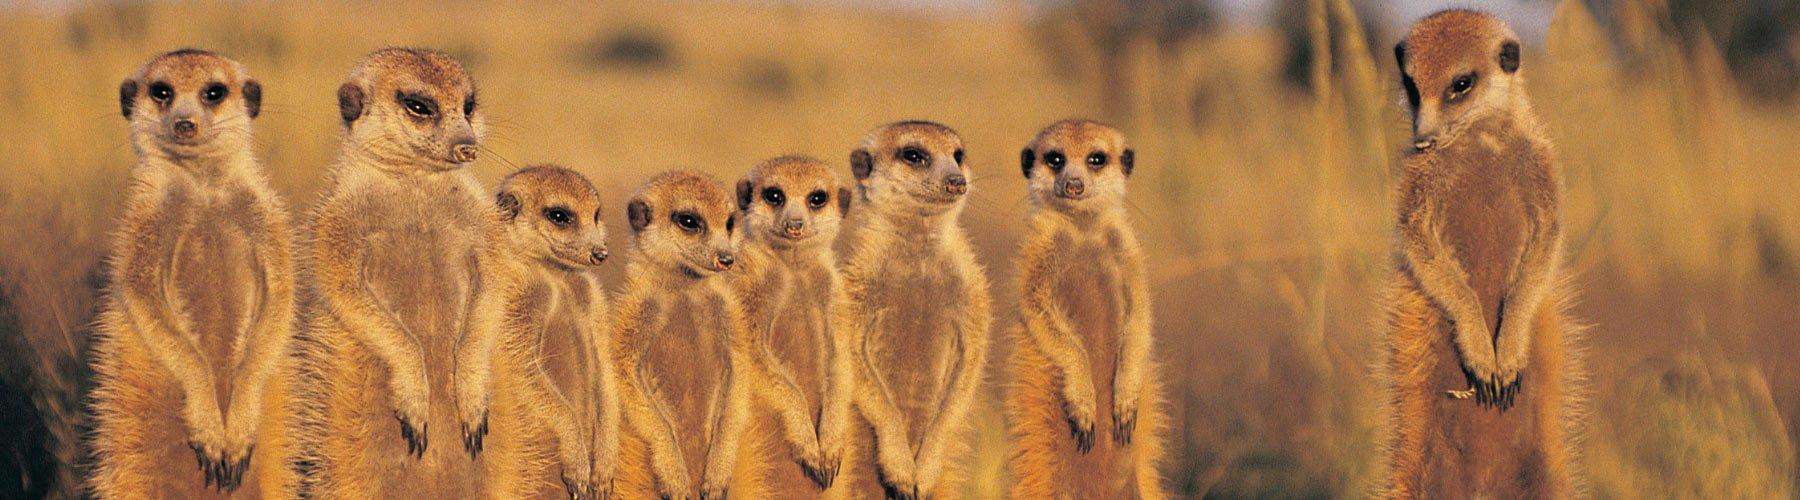 cosa bisogna sapere per organizzare un viaggio in botswana?